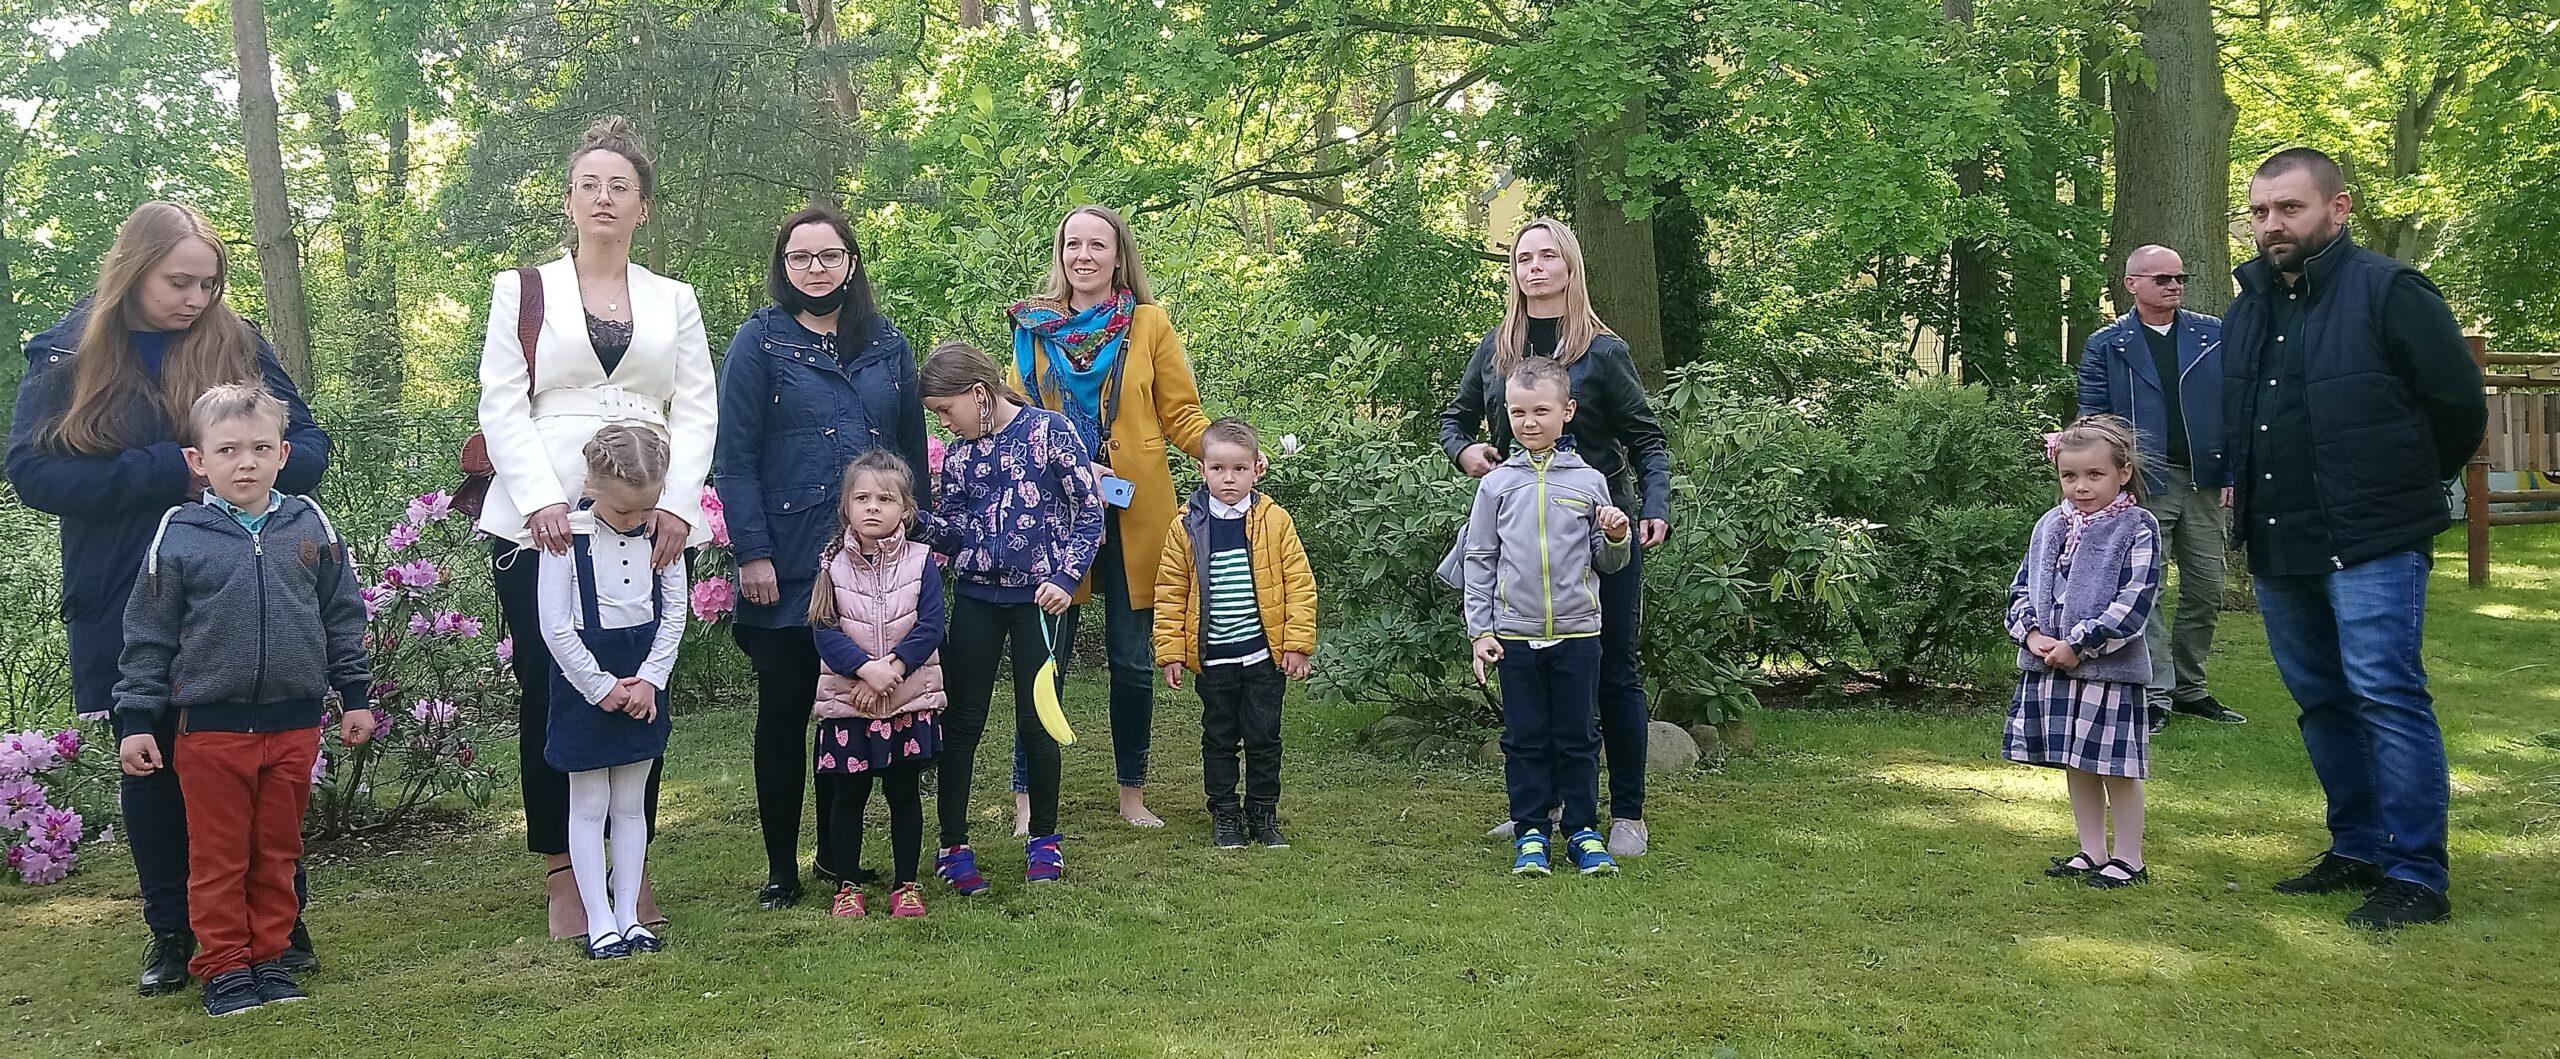 zdjęcia dzieci i rodzice w ogrodzie